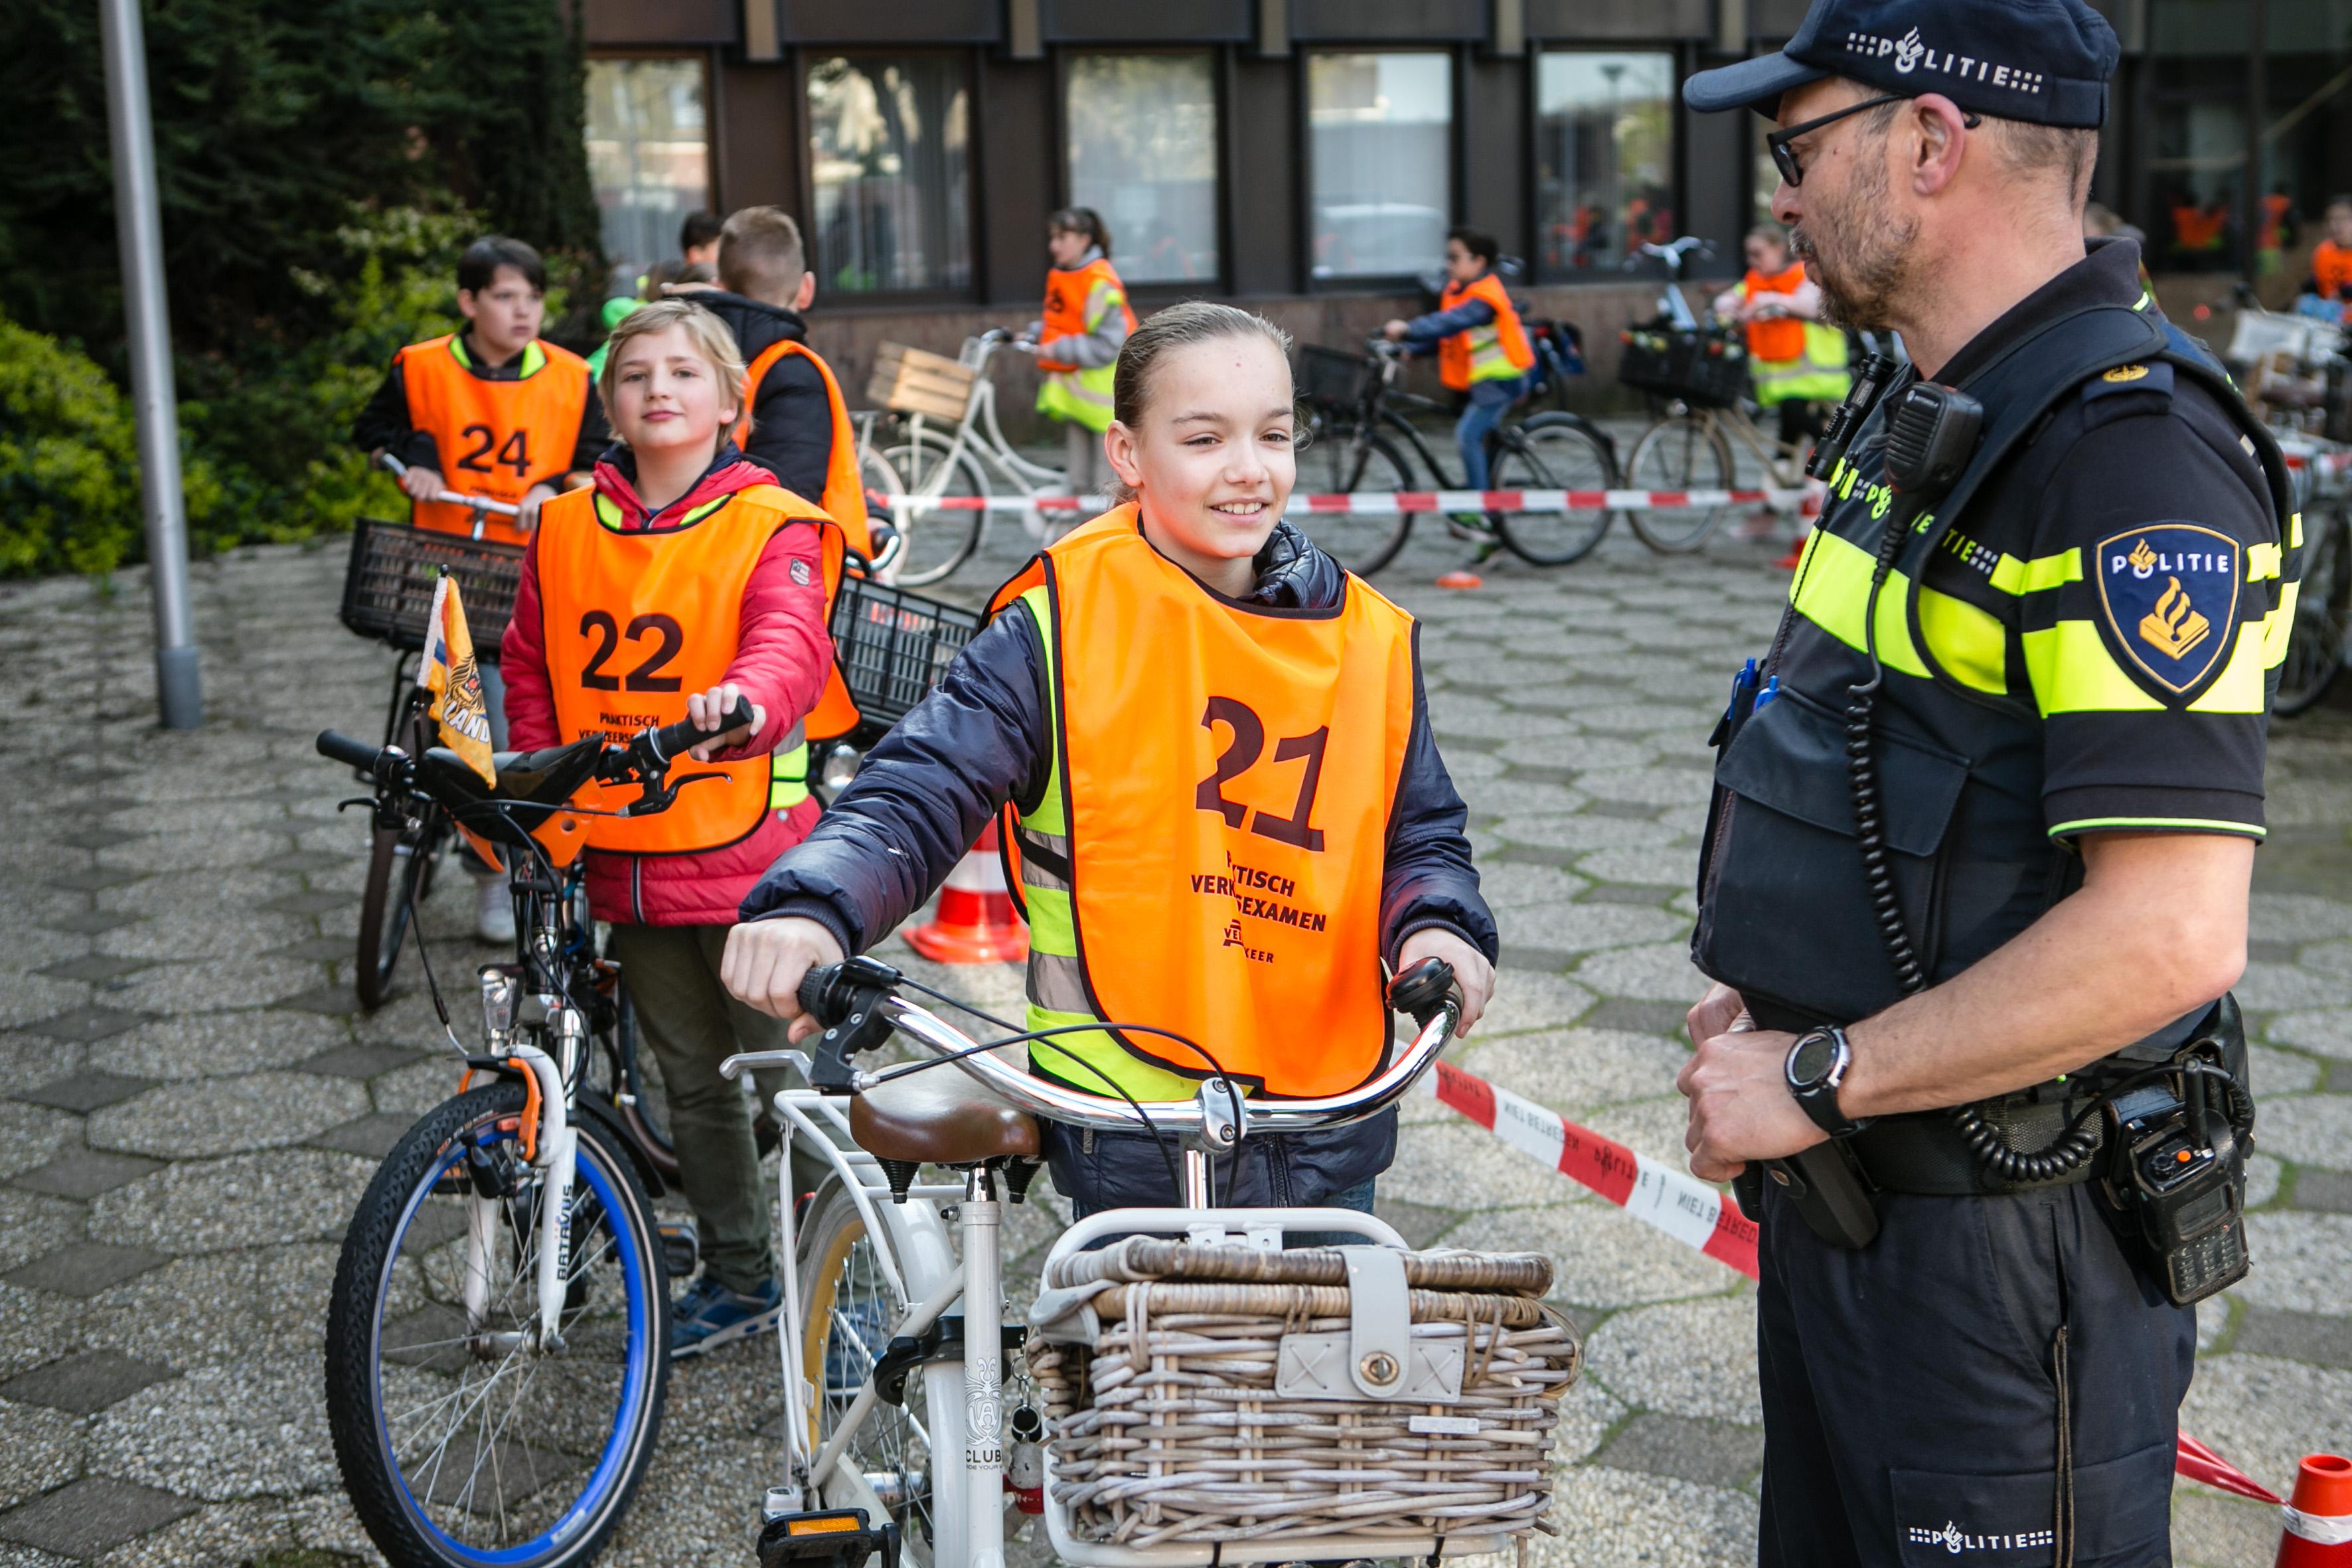 verkeersexamen foto eric van nieuwland 075047